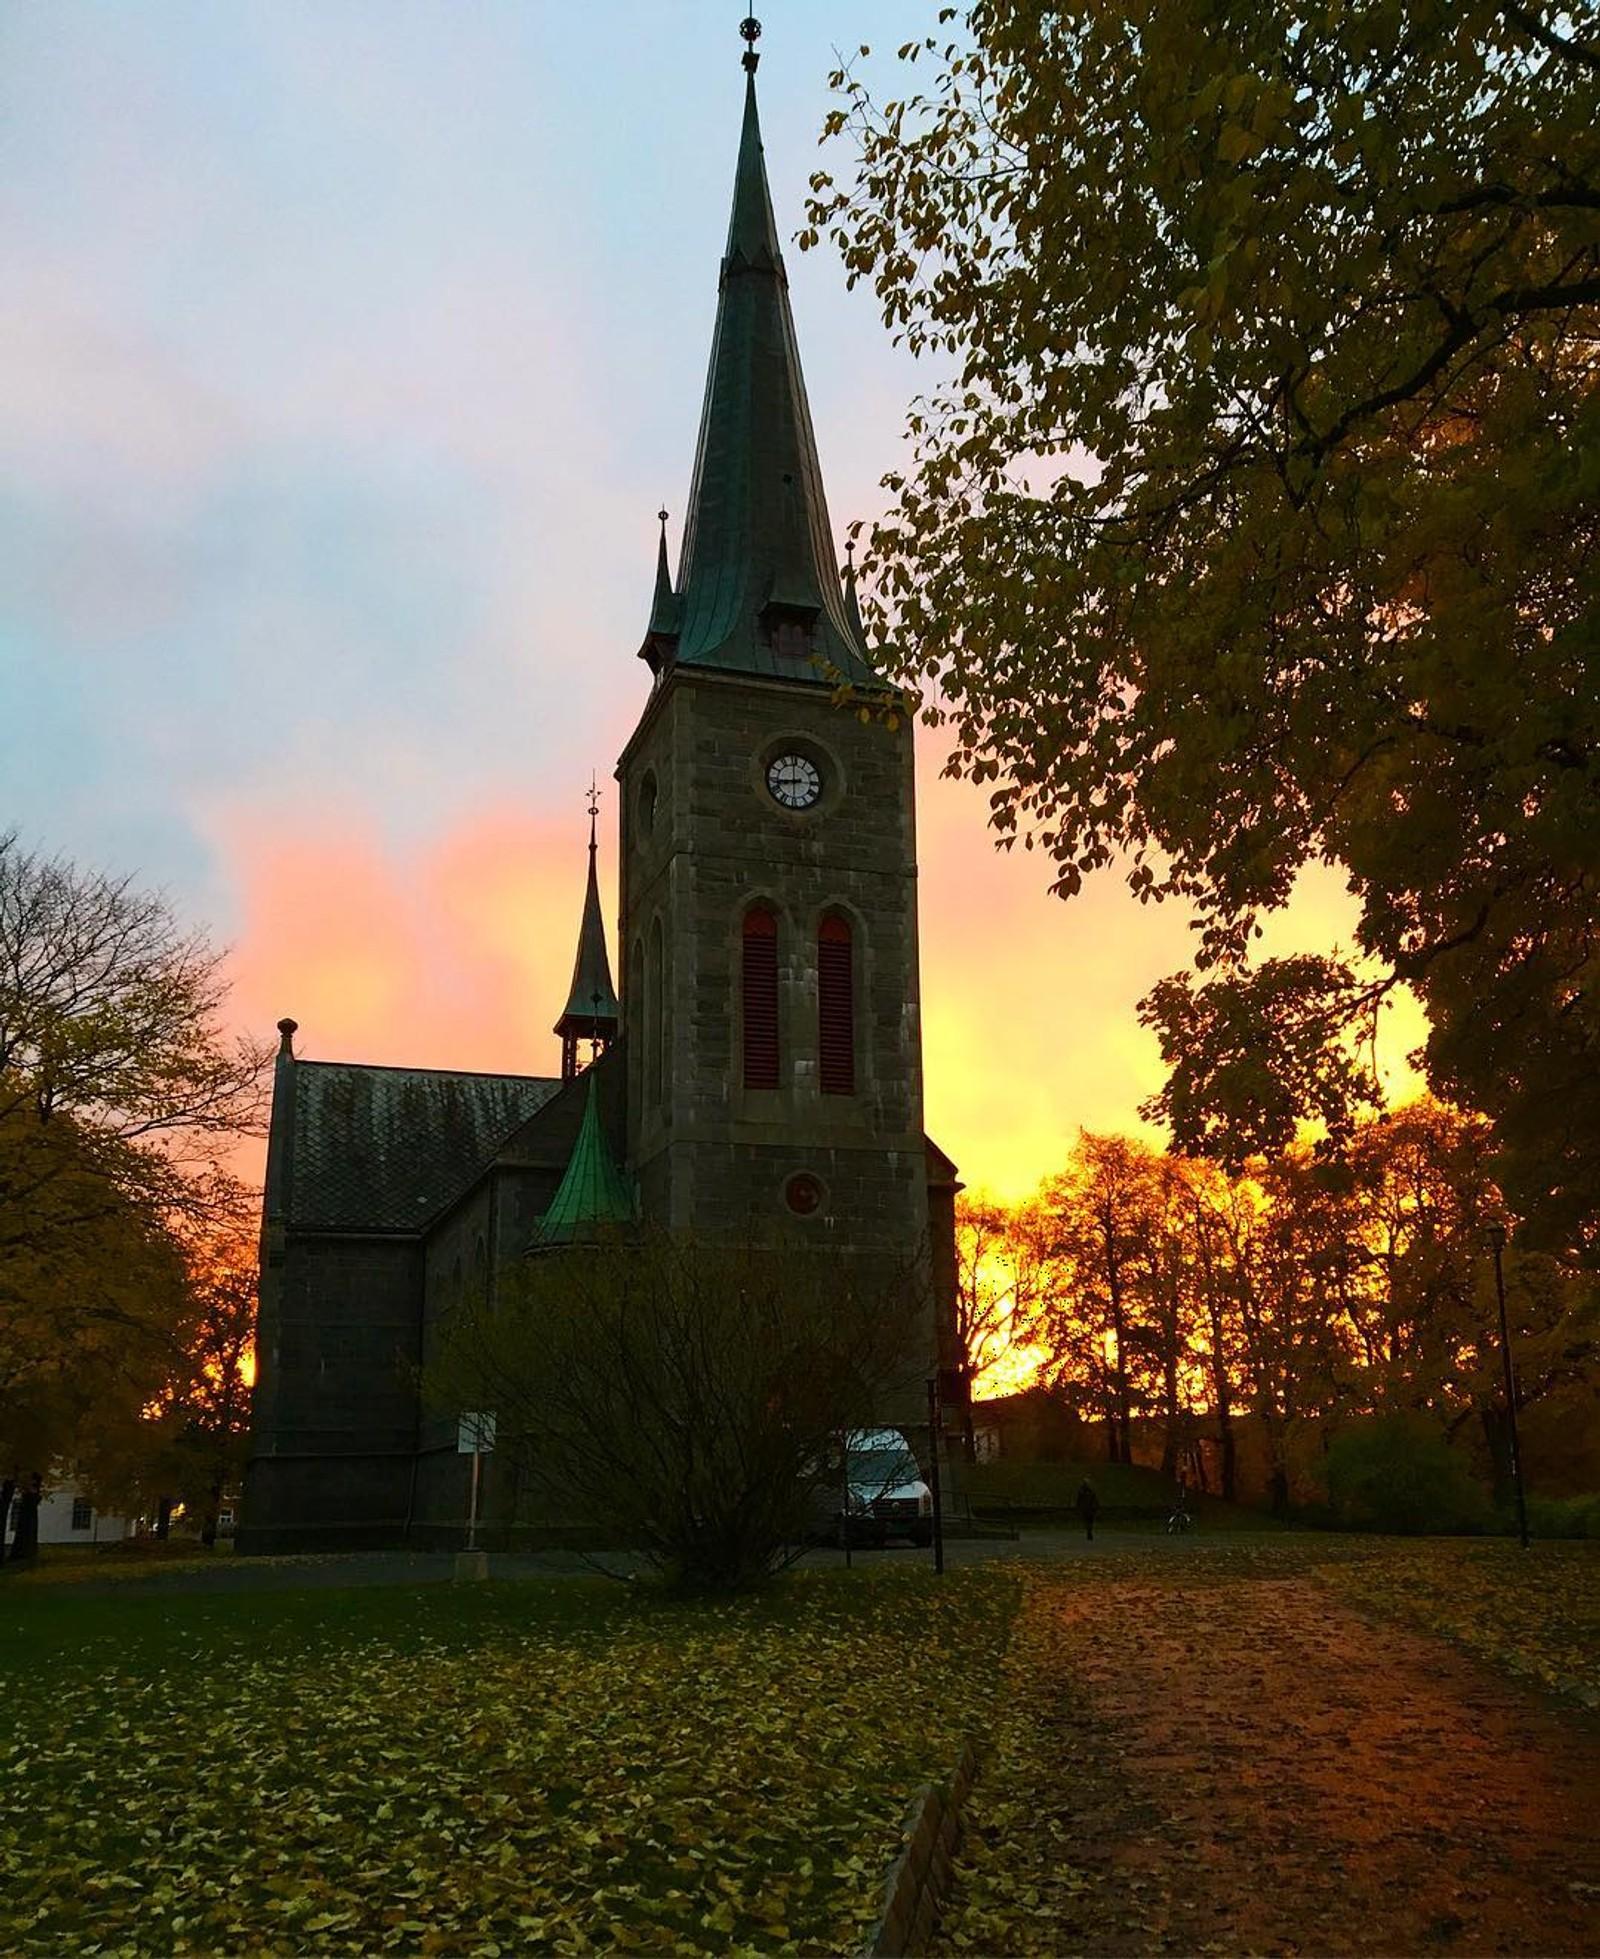 Ila kirke i oktober. Tatt av @monasteigedal.